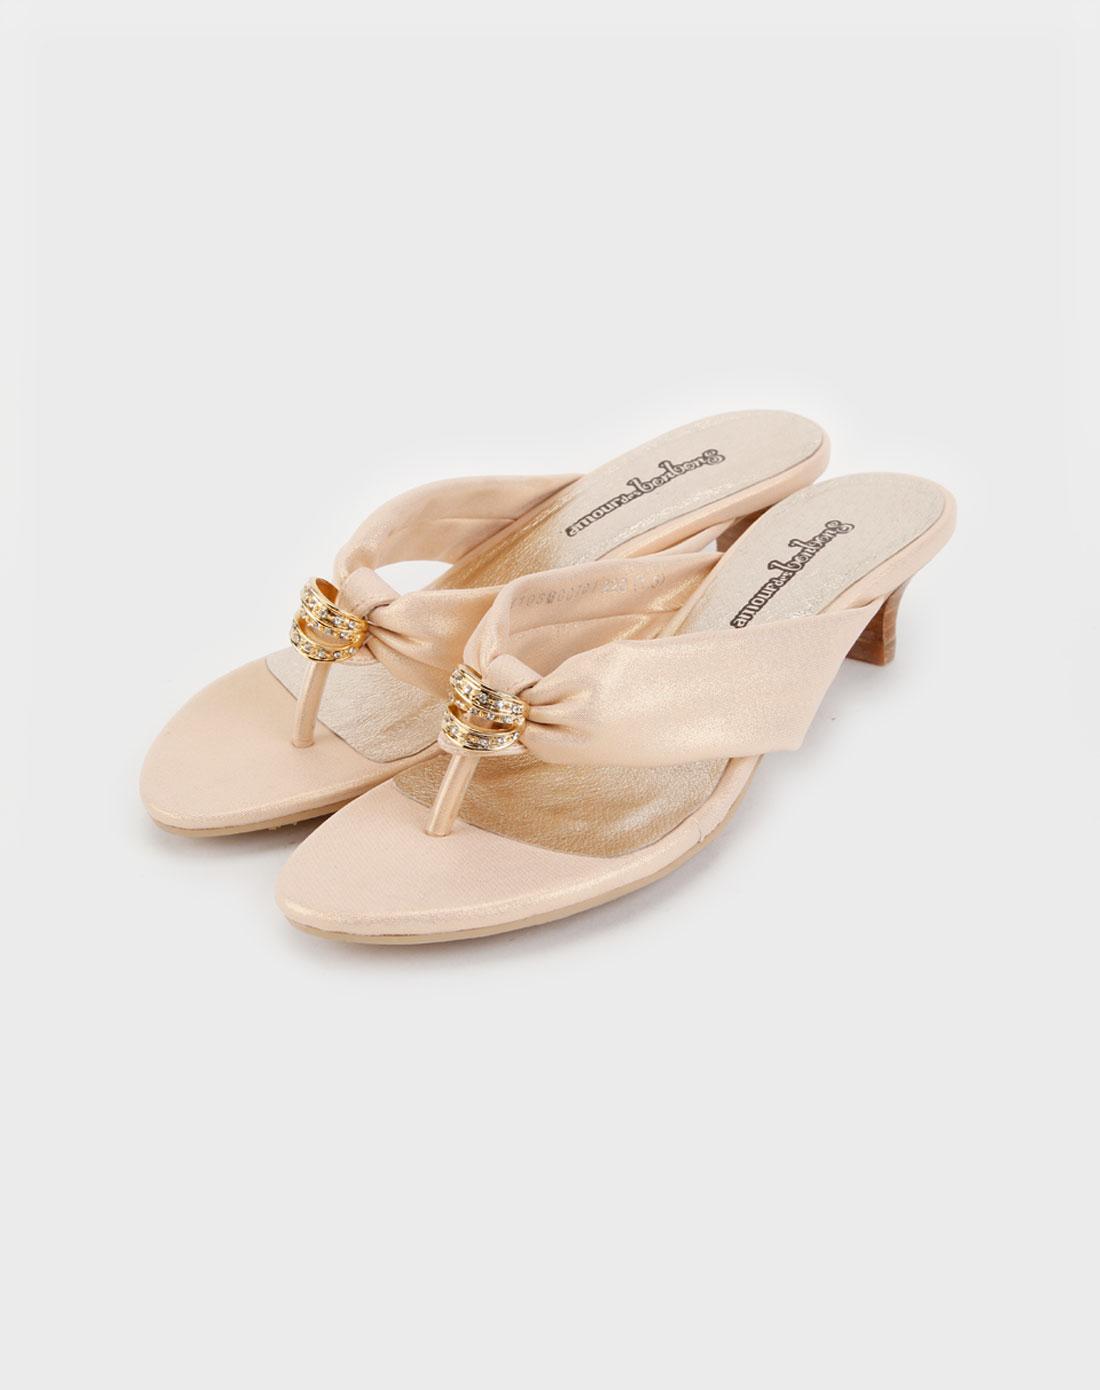 梅森之邦杏/金色时尚凉鞋